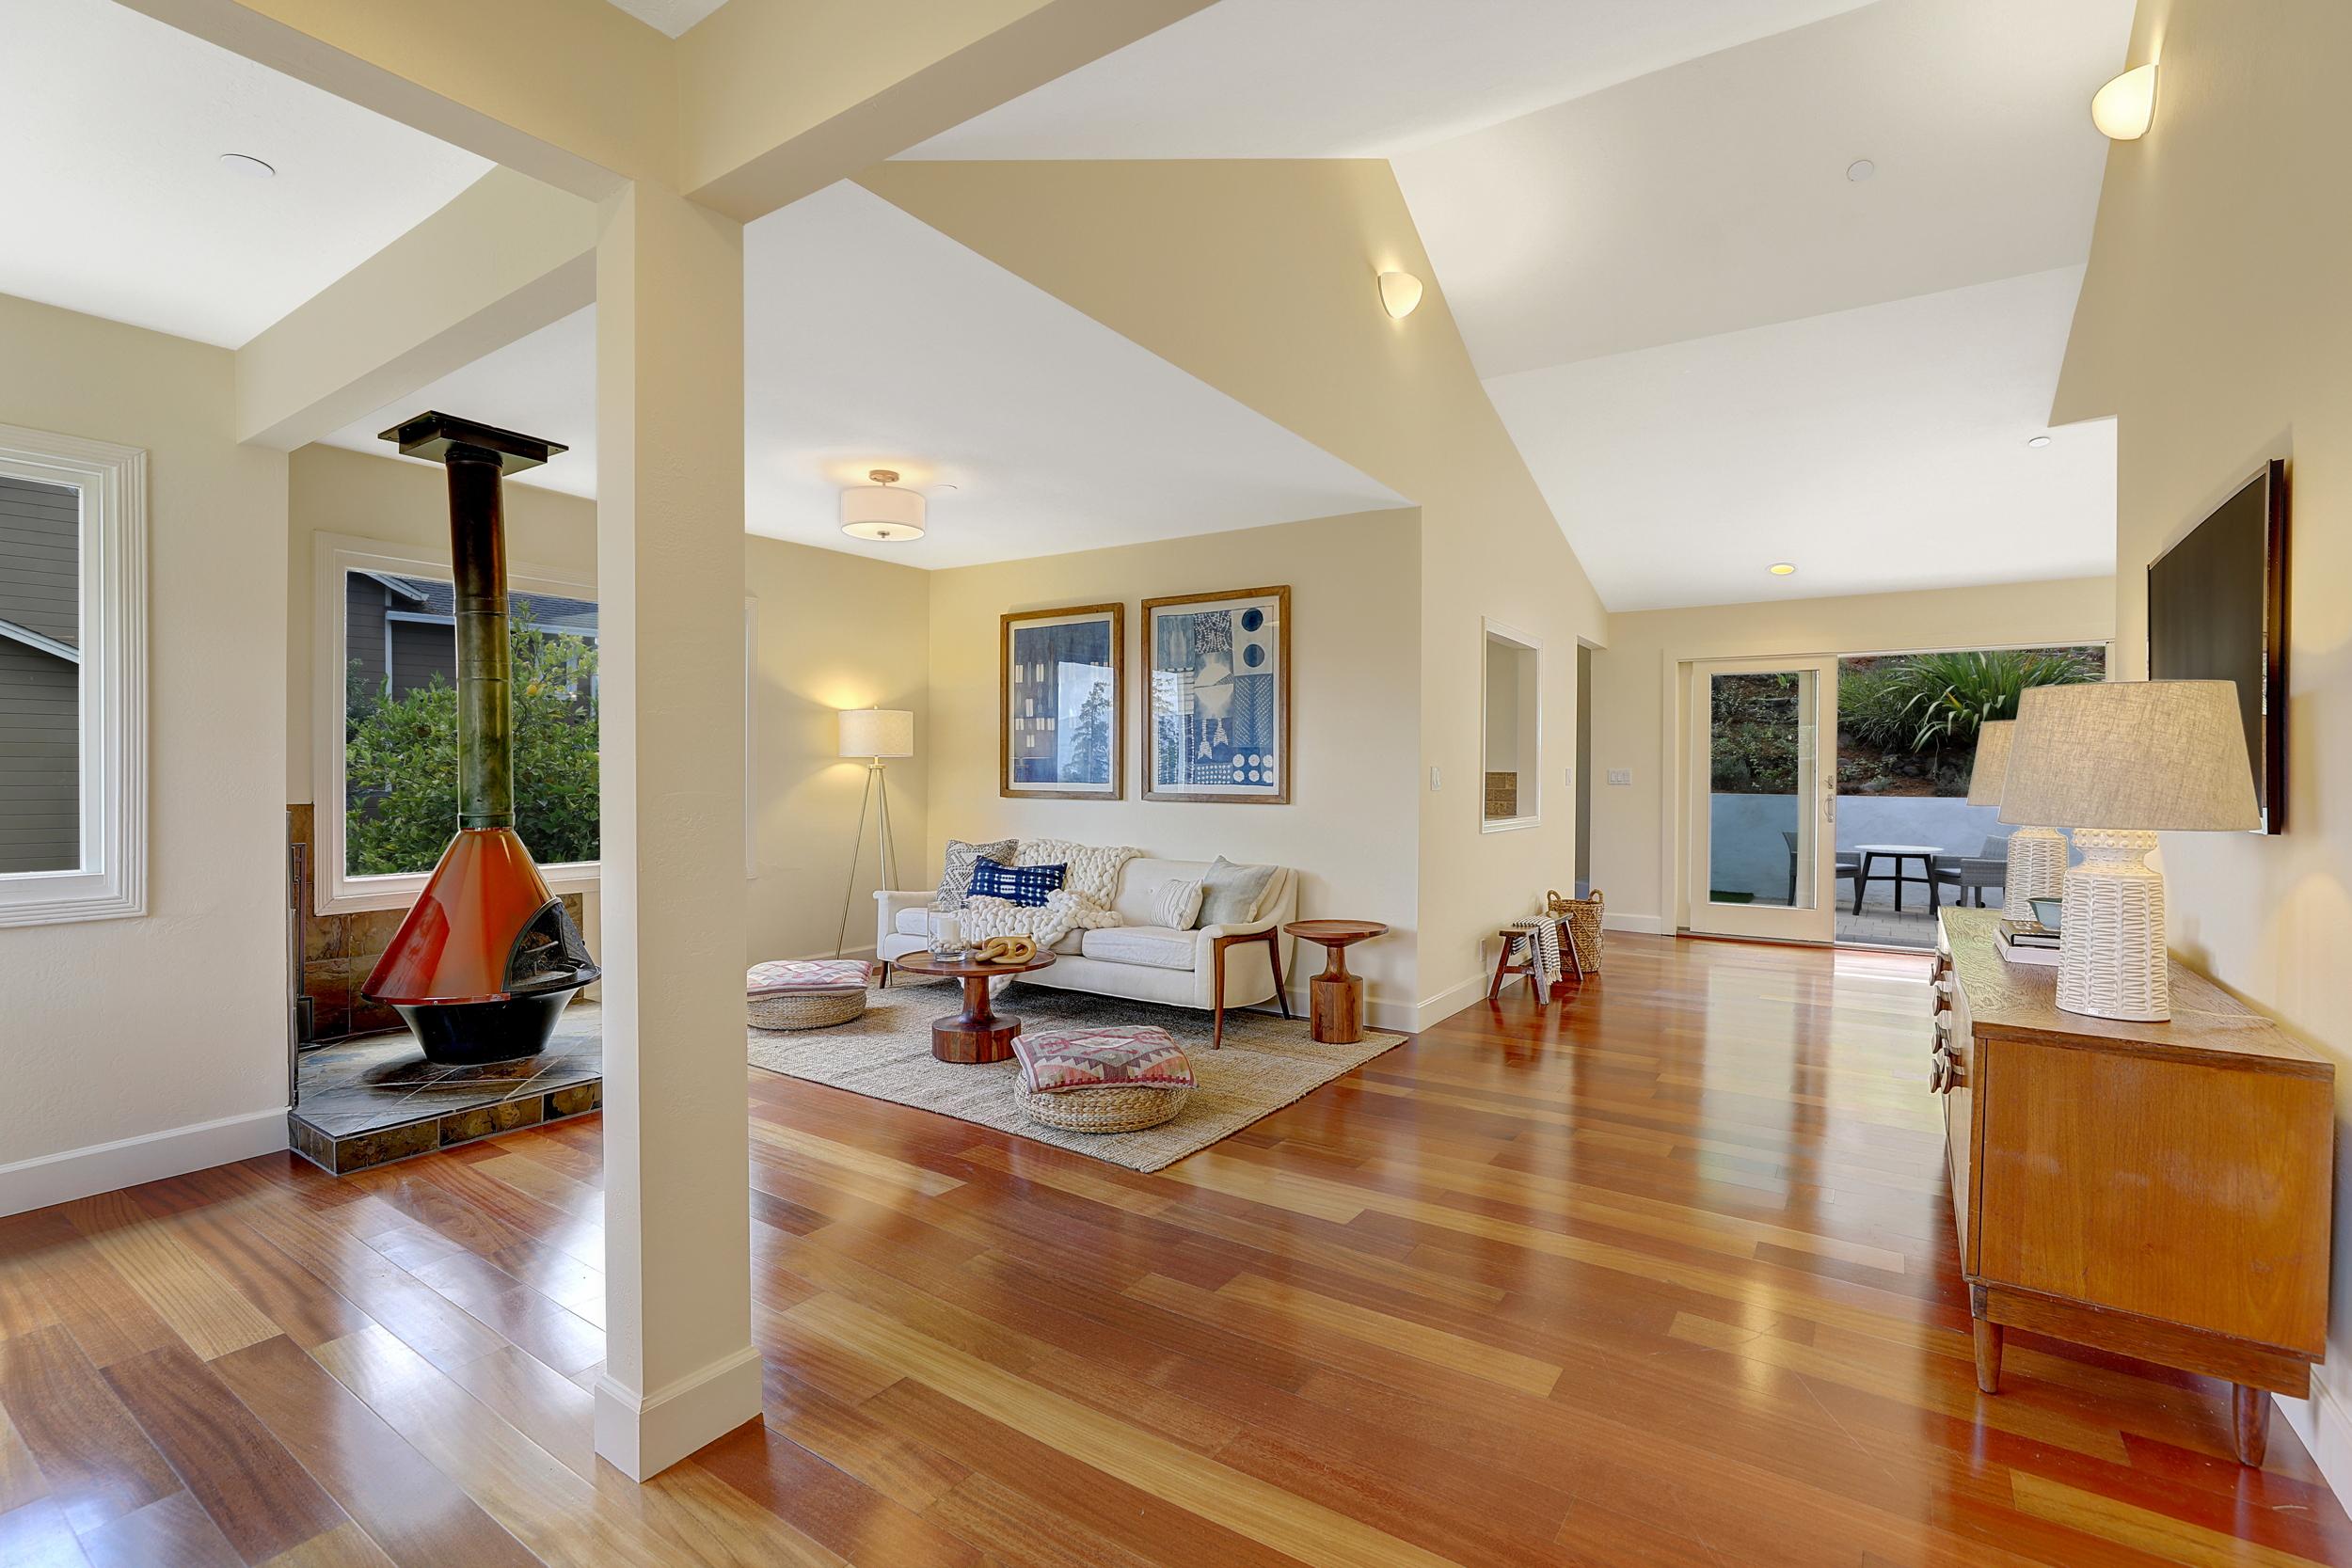 129 Alta Vista Mill Valley Real Estate19 - Own Marin Pacific Union - Marin Realtor.jpg